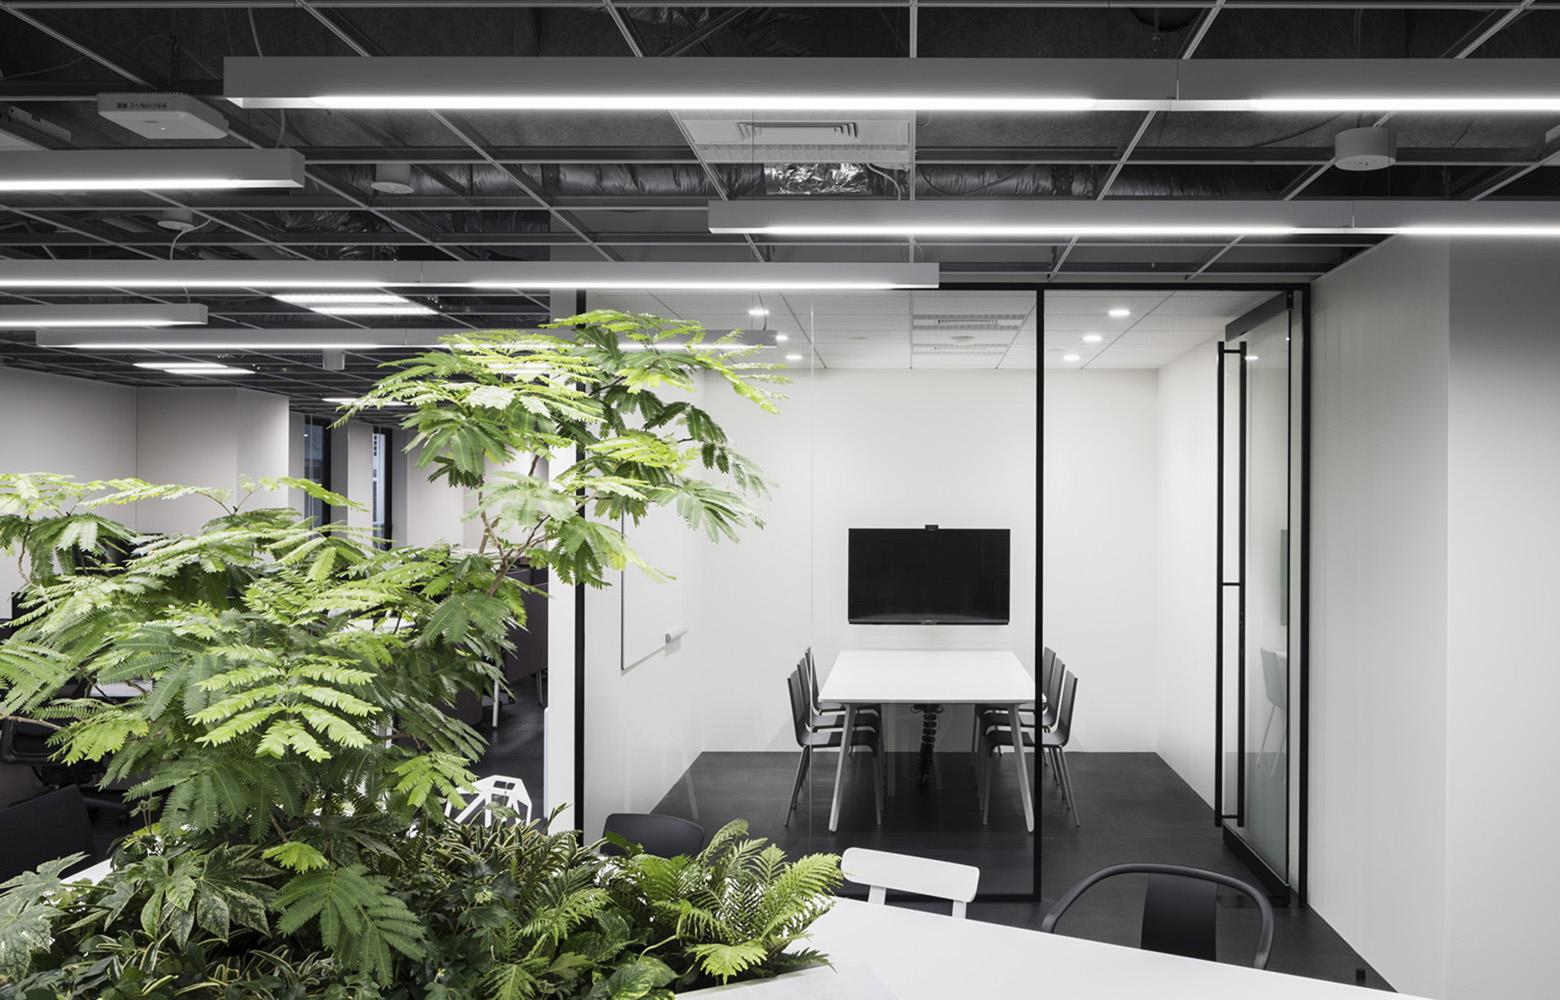 株式会社イエラエセキュリティ Meeting Room デザイン・レイアウト事例